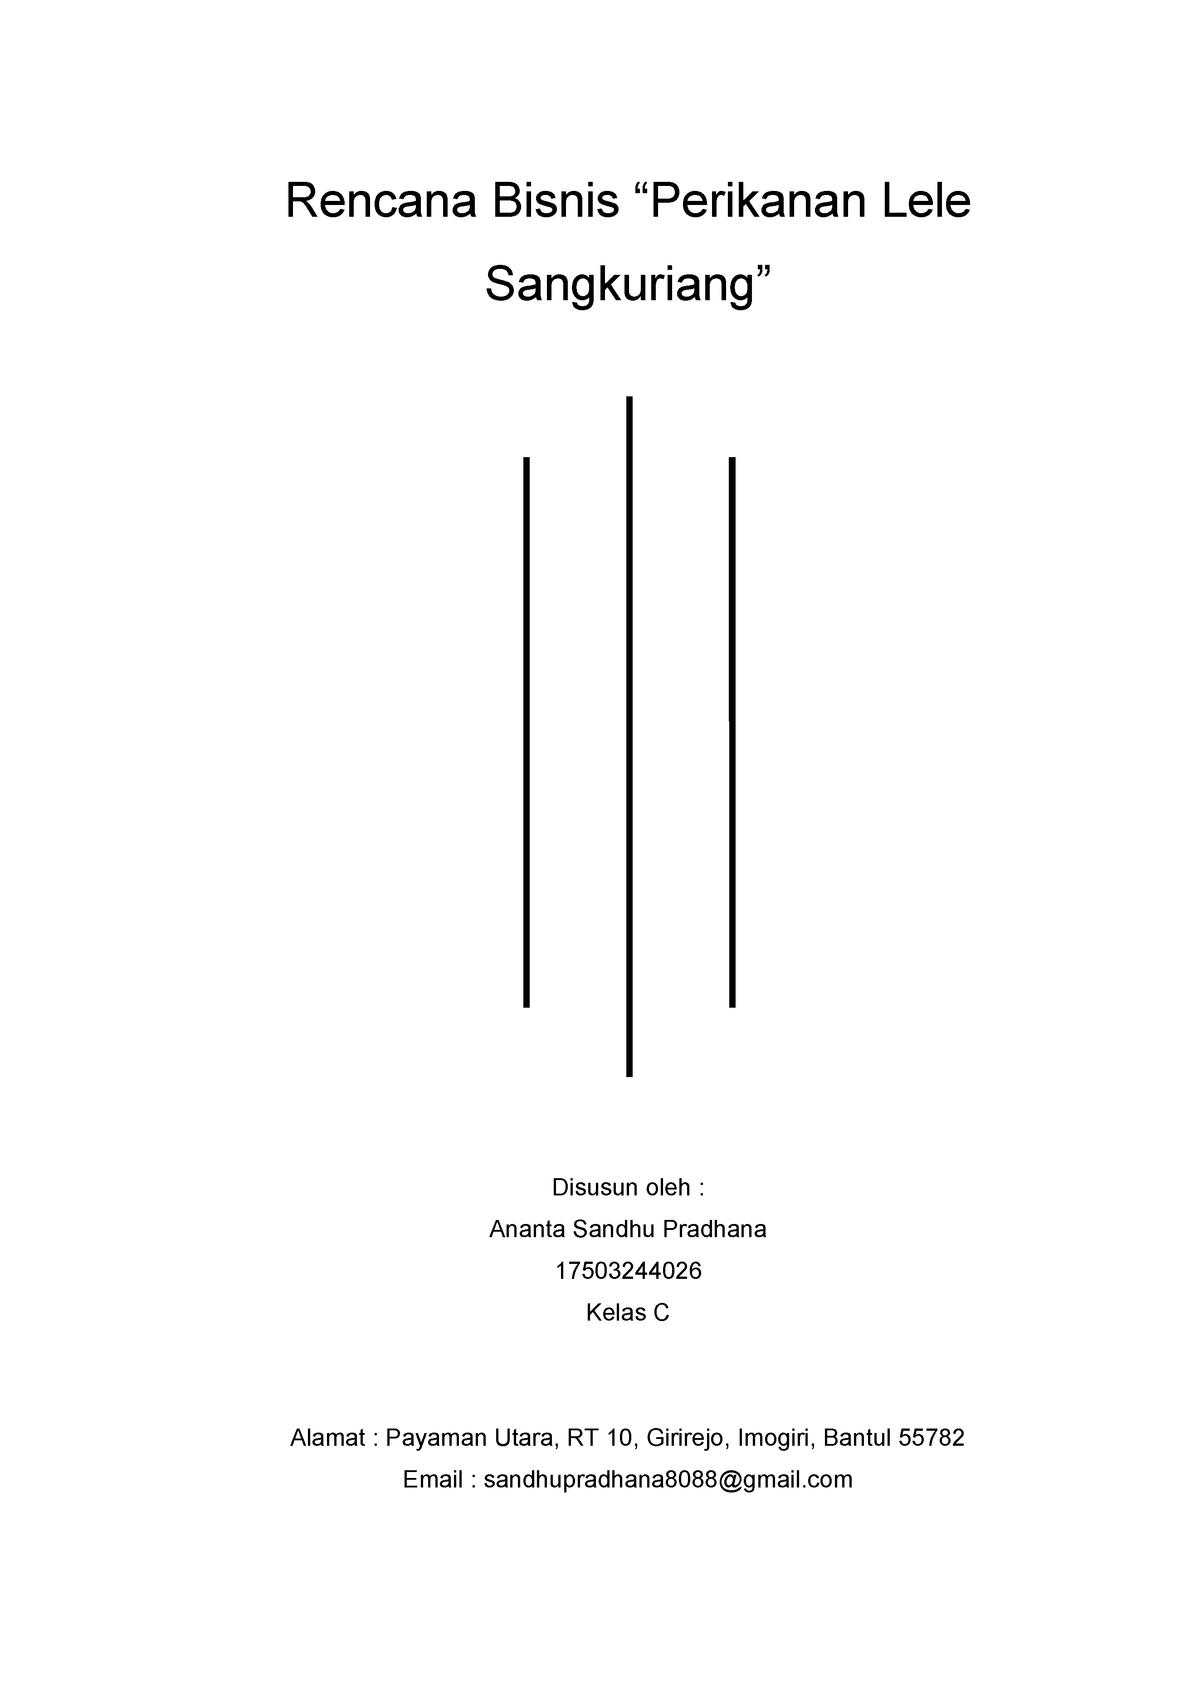 Rencana Bisnis Ikan Lele Sangkuriang Rencana Bisnis Lele Disusun Oleh Ananta Studocu